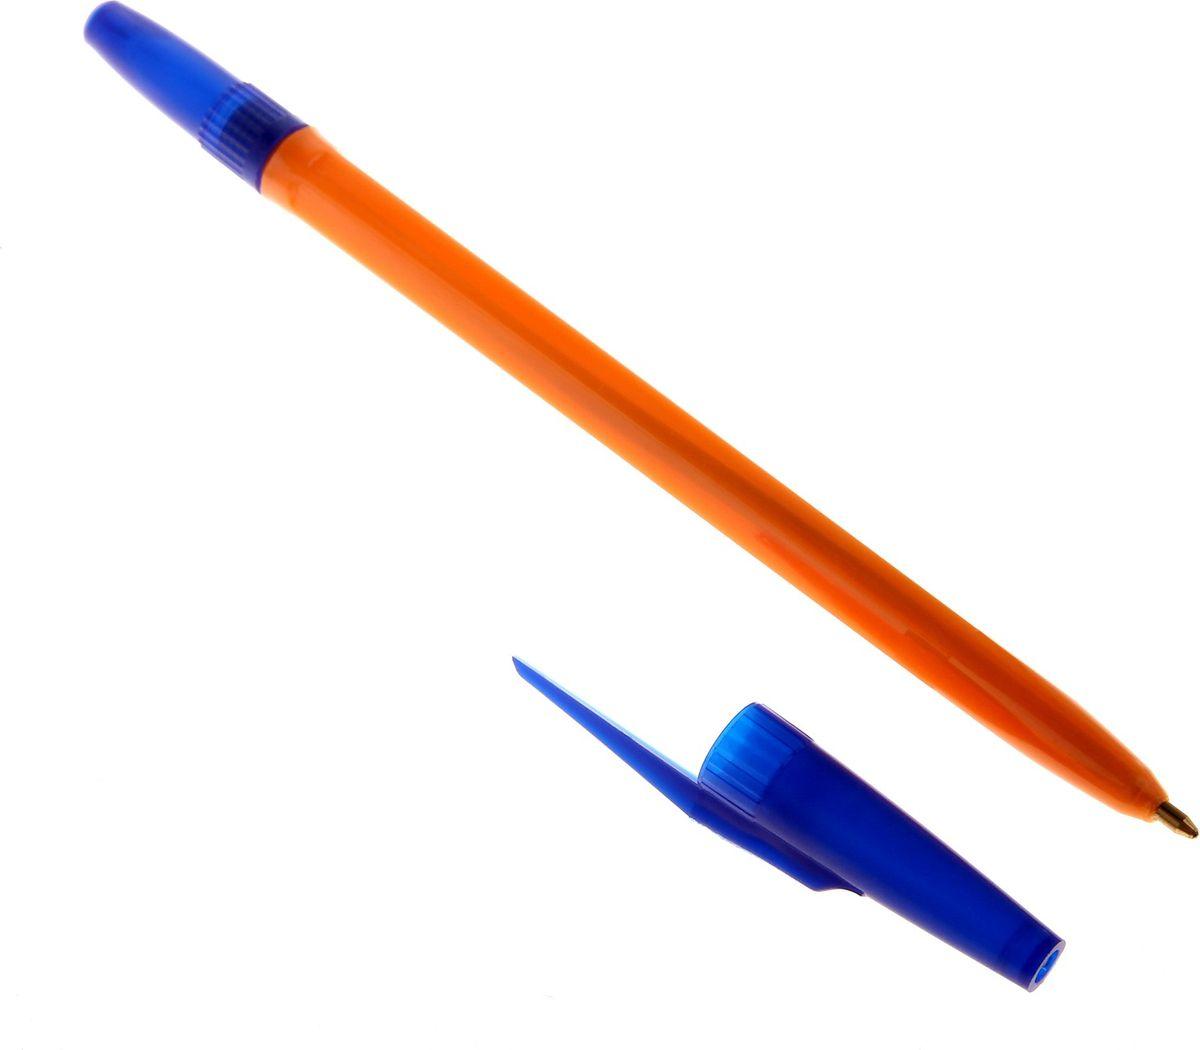 Стамм Ручка шариковая 511 Orange синяя72523WDШариковая ручка — незаменимая вещь и для взрослых, и для школьников. Самым распространенным видом ручек являются Ручка шариковая Стамм 511 синий стержень Orange РК11 161664. Ее особенности: шестигранная форма корпуса, вентилируемый колпачок, итальянские чернила, цвет чернил: синий, длина стержня: 152 мм, толщина линии письма: 1 мм, корпус: оранжевый. Шариковые ручки Стамм очень экономичные, писать ими легко и удобно, густые чернила не вытекают и не растекаются на бумаге.